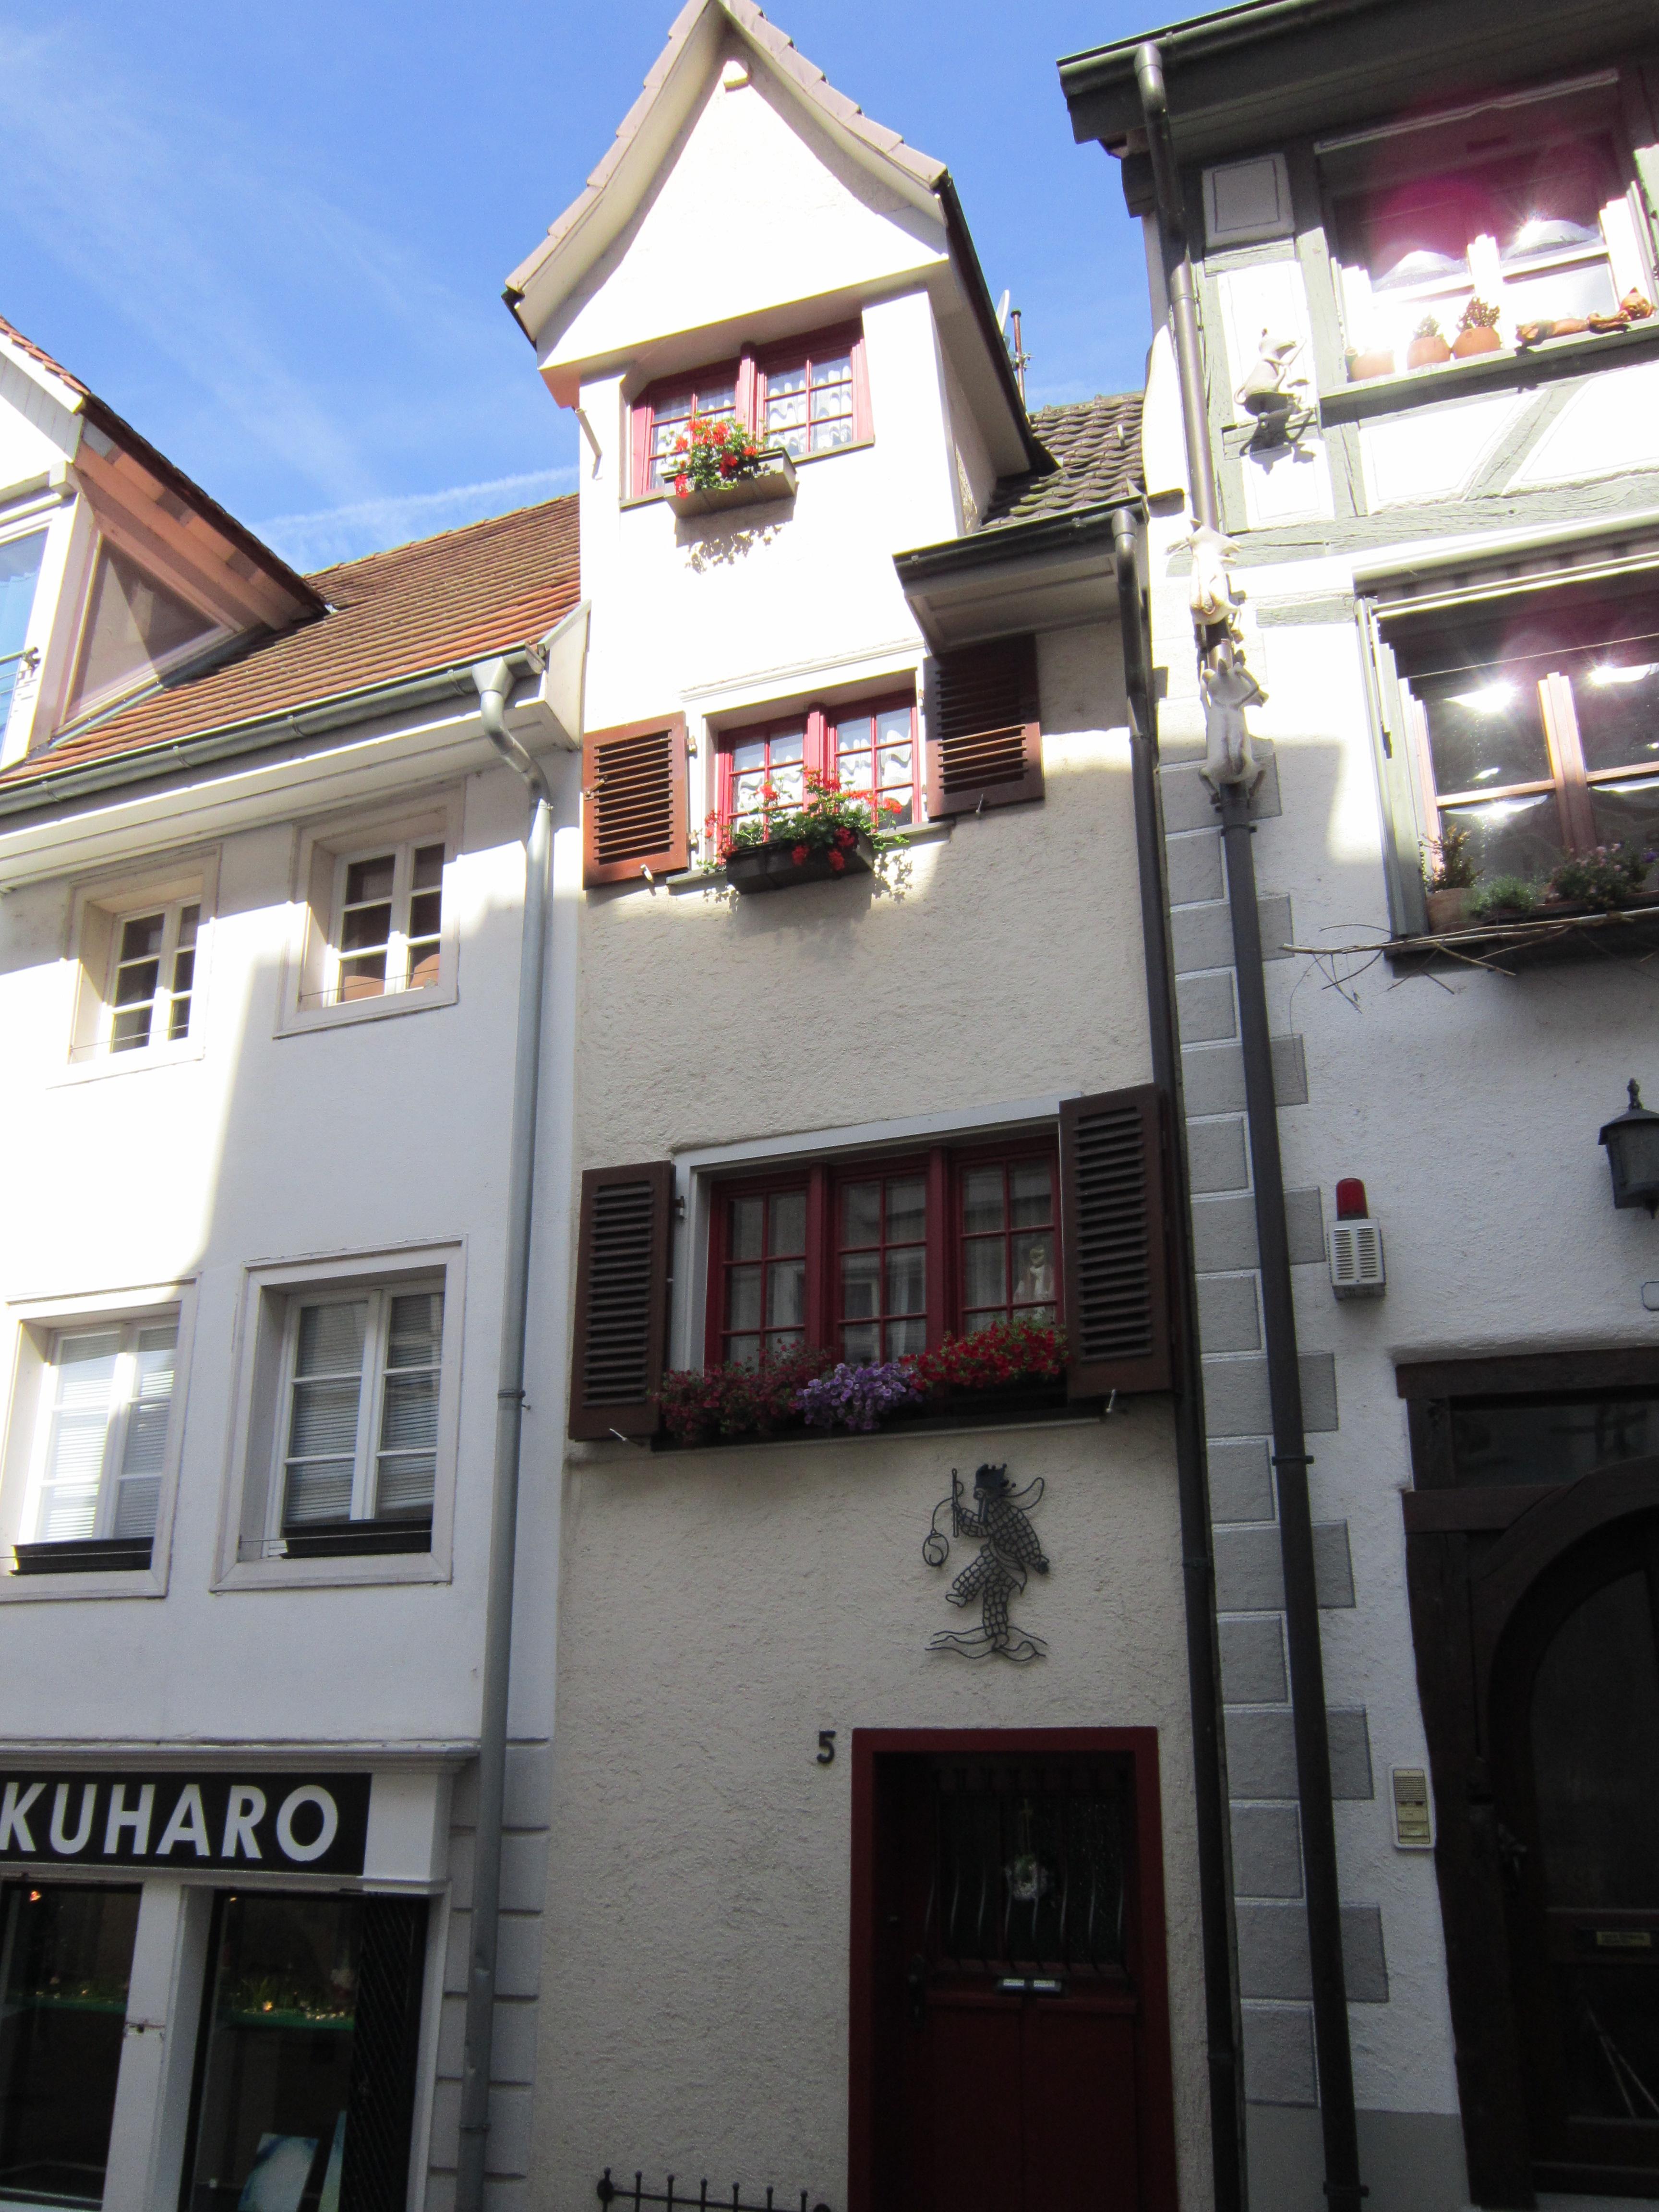 Schmalstes Haus von Radolfzell in der Schmidtengasse